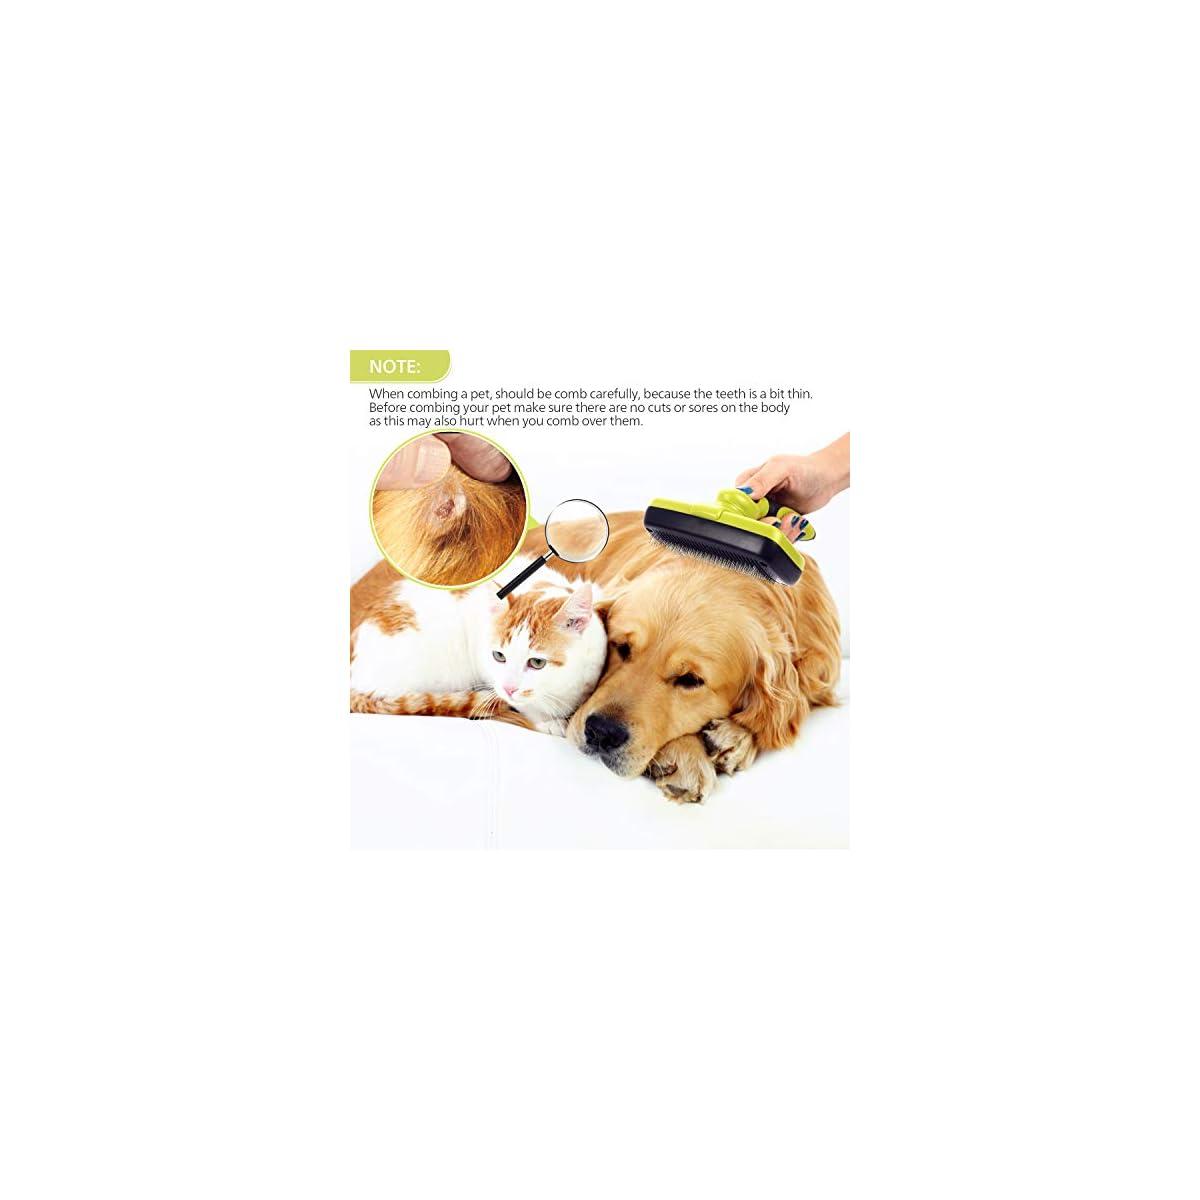 xuenisidan Spazzola Autopulente per Cani Gatti Conigli per Eliminare Pelo Superfluo Morto e Sottopelo Prevenire la Perdita Blu Riduce 90/% della Perdita dei Peli